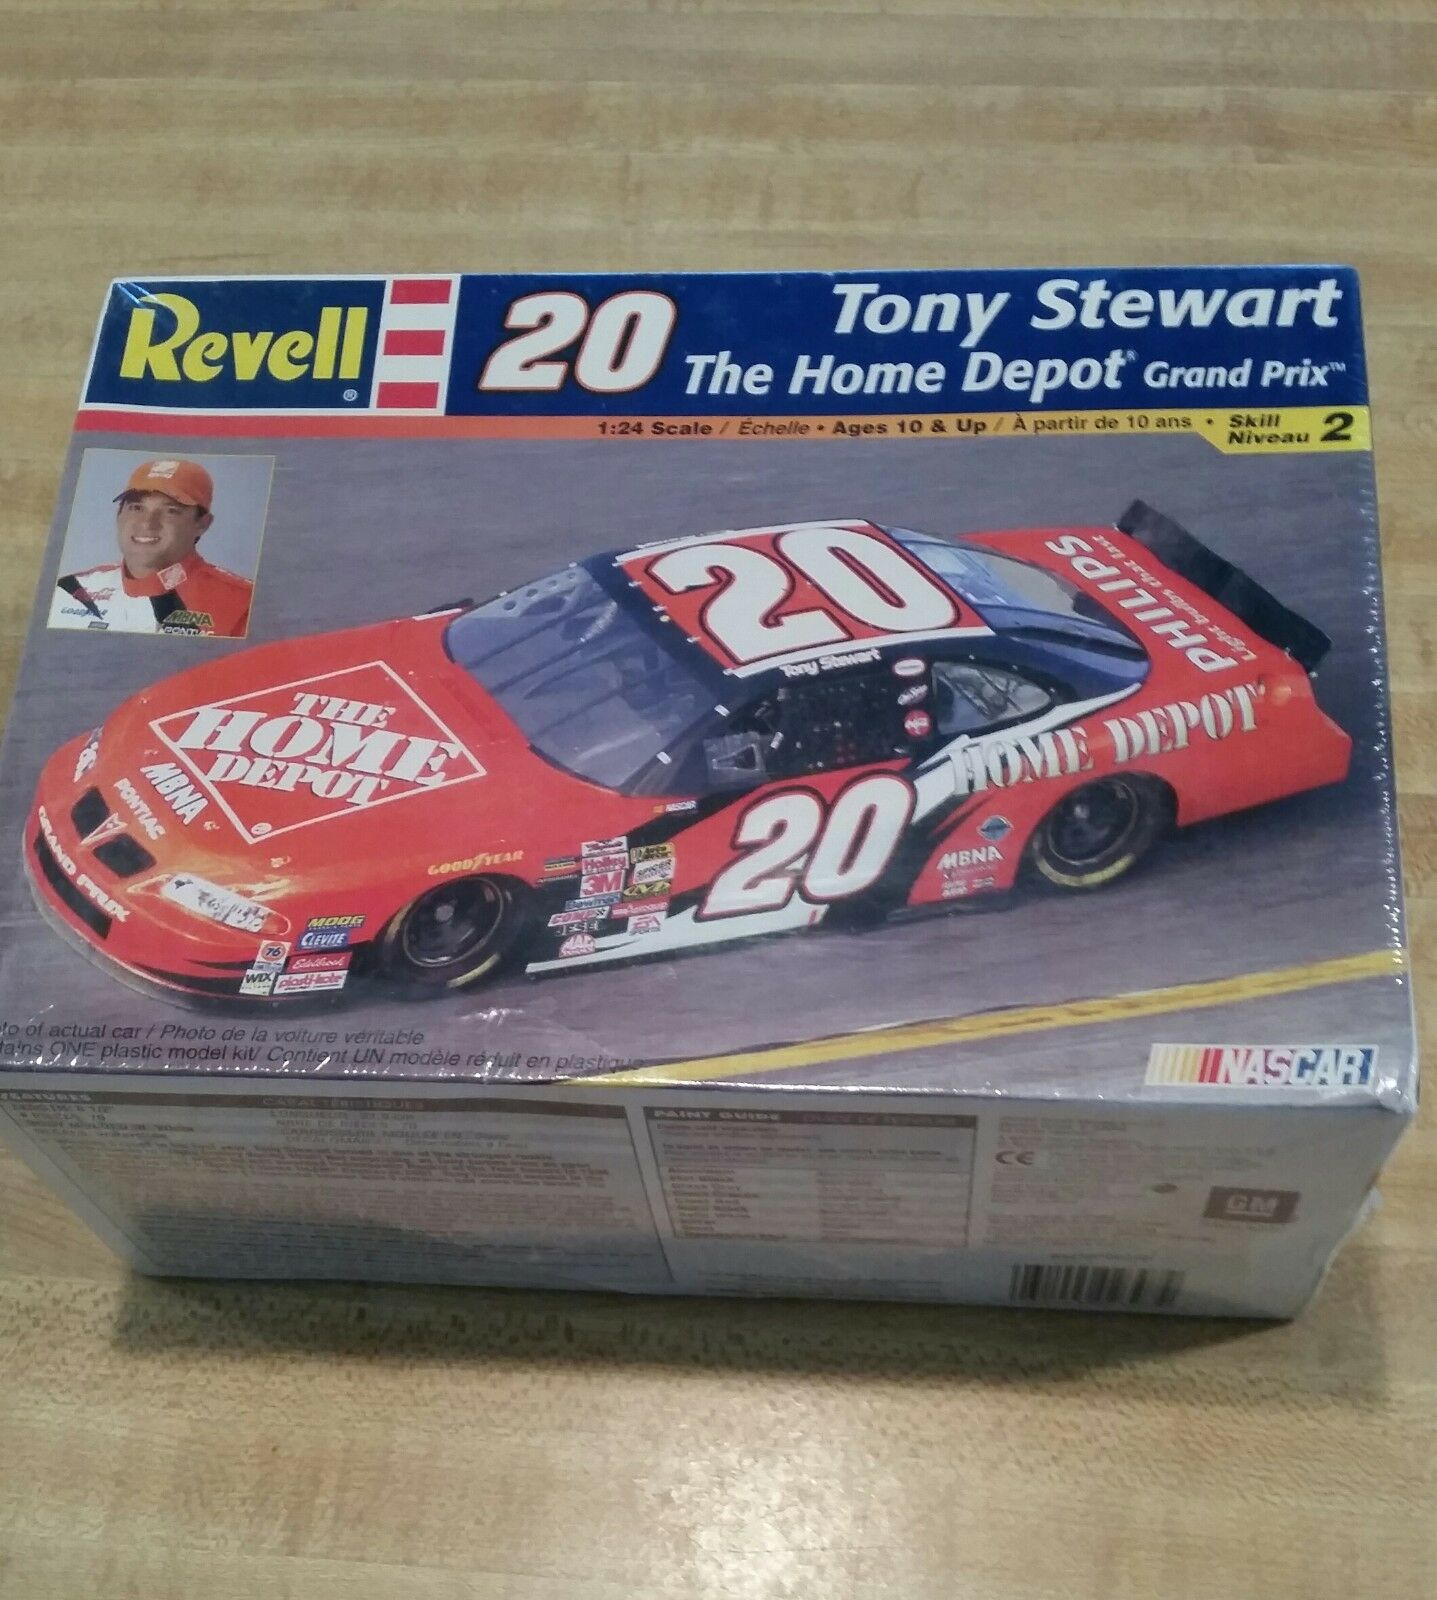 Revell Tony Stewart 20 Home Depot Model Kit